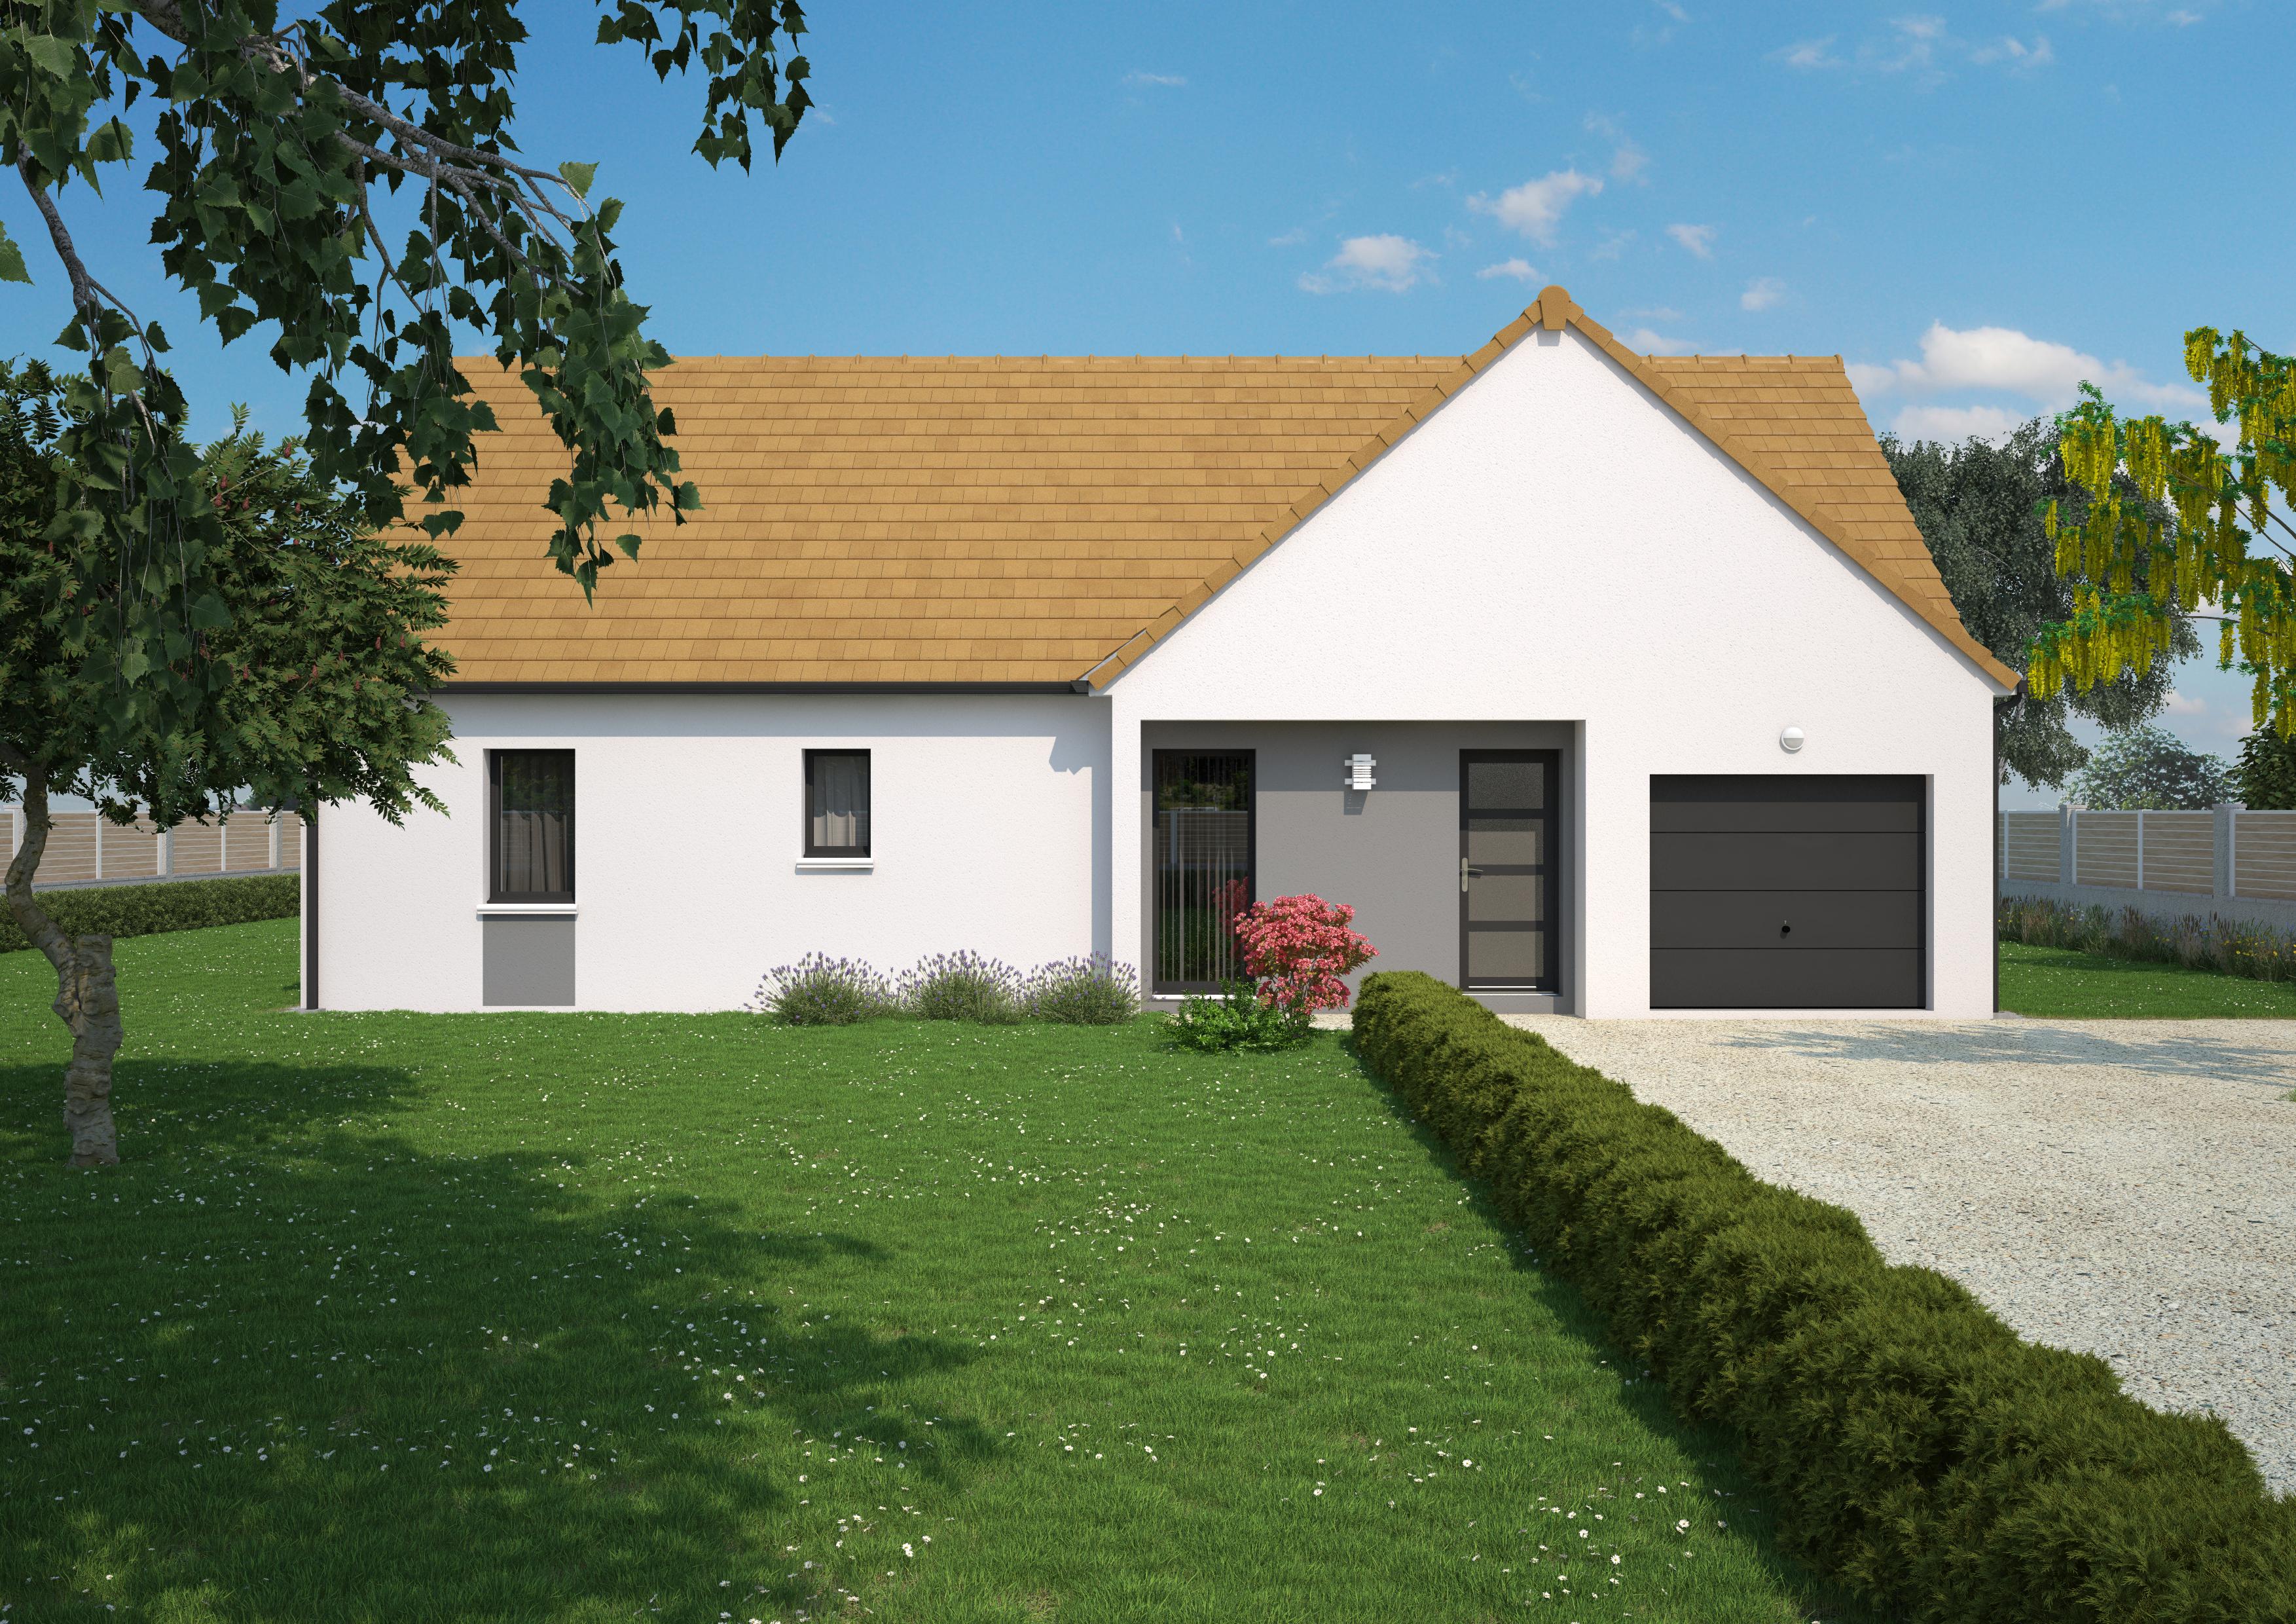 Maison à vendre à Châteauneuf-sur-Loire